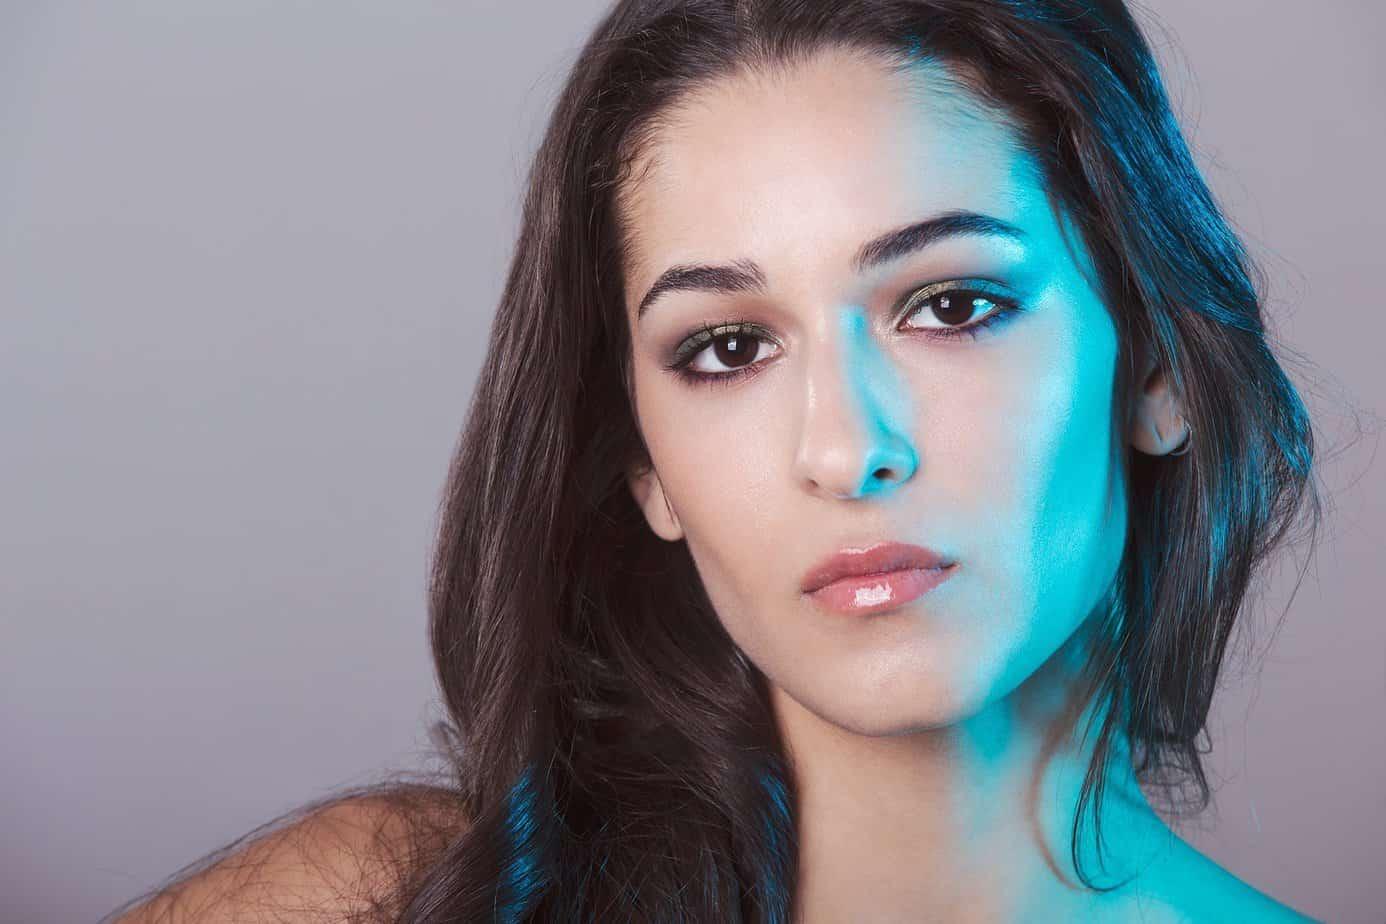 Sofia_dancer_light_francescabandiera